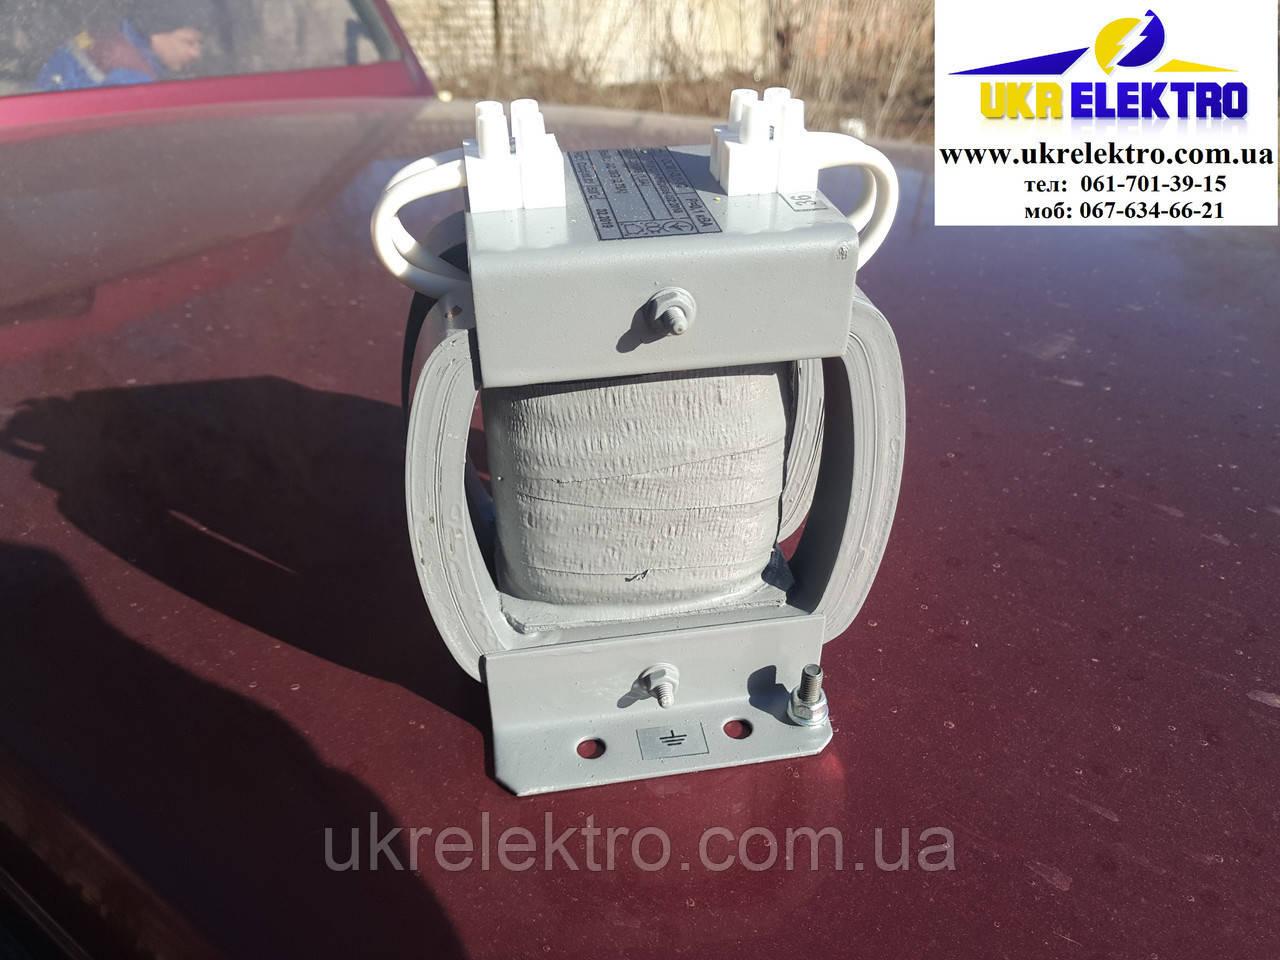 Трансформатор понижающий однофазный низковольтный  ОСМ-1 1.6